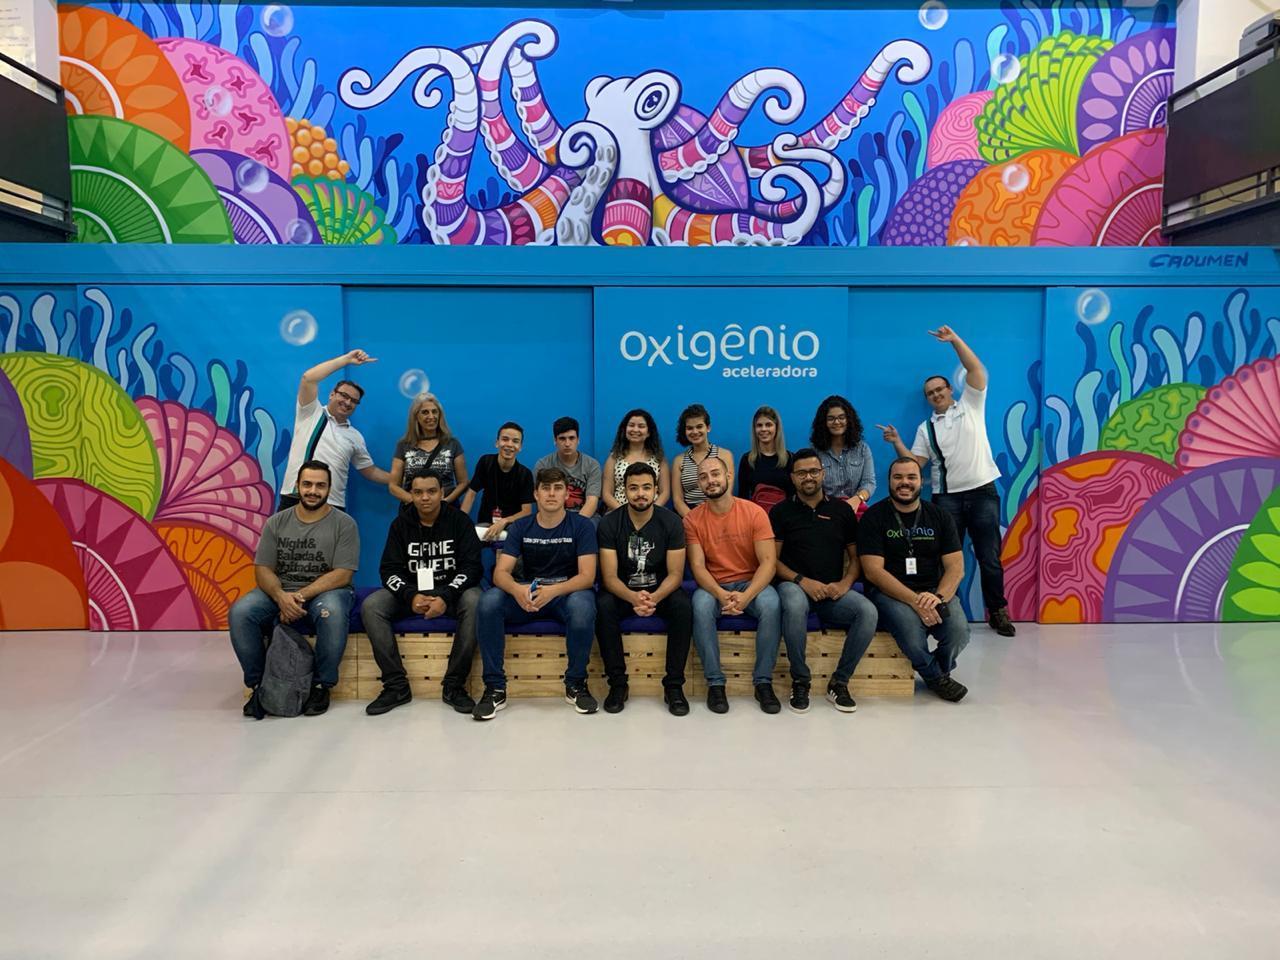 Instituto Credicitrus promove visita a Centros de Inovação em São Paulo